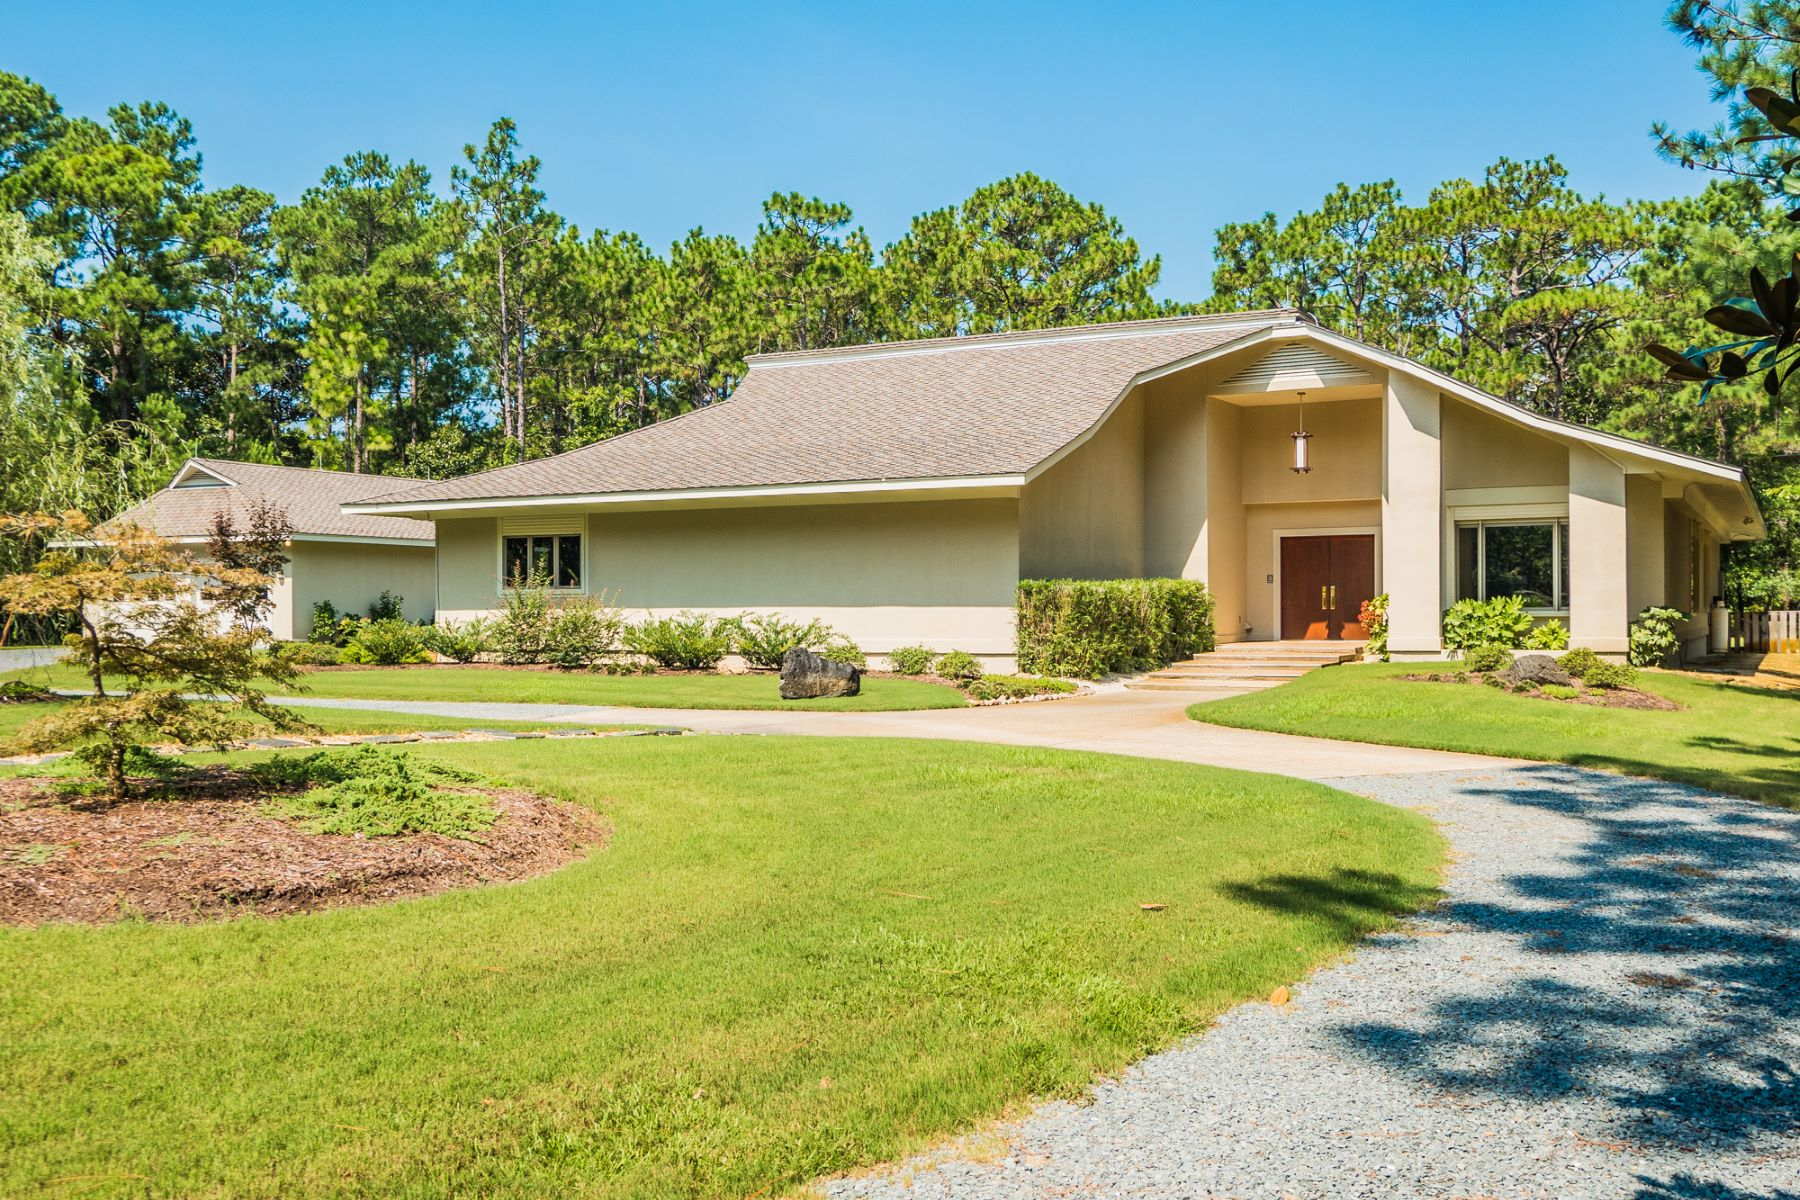 独户住宅 为 销售 在 Unique Contemporary Private Retreat 7211 Masonboro Sound Rd, 威明顿市, 北卡罗来纳州, 28409 美国